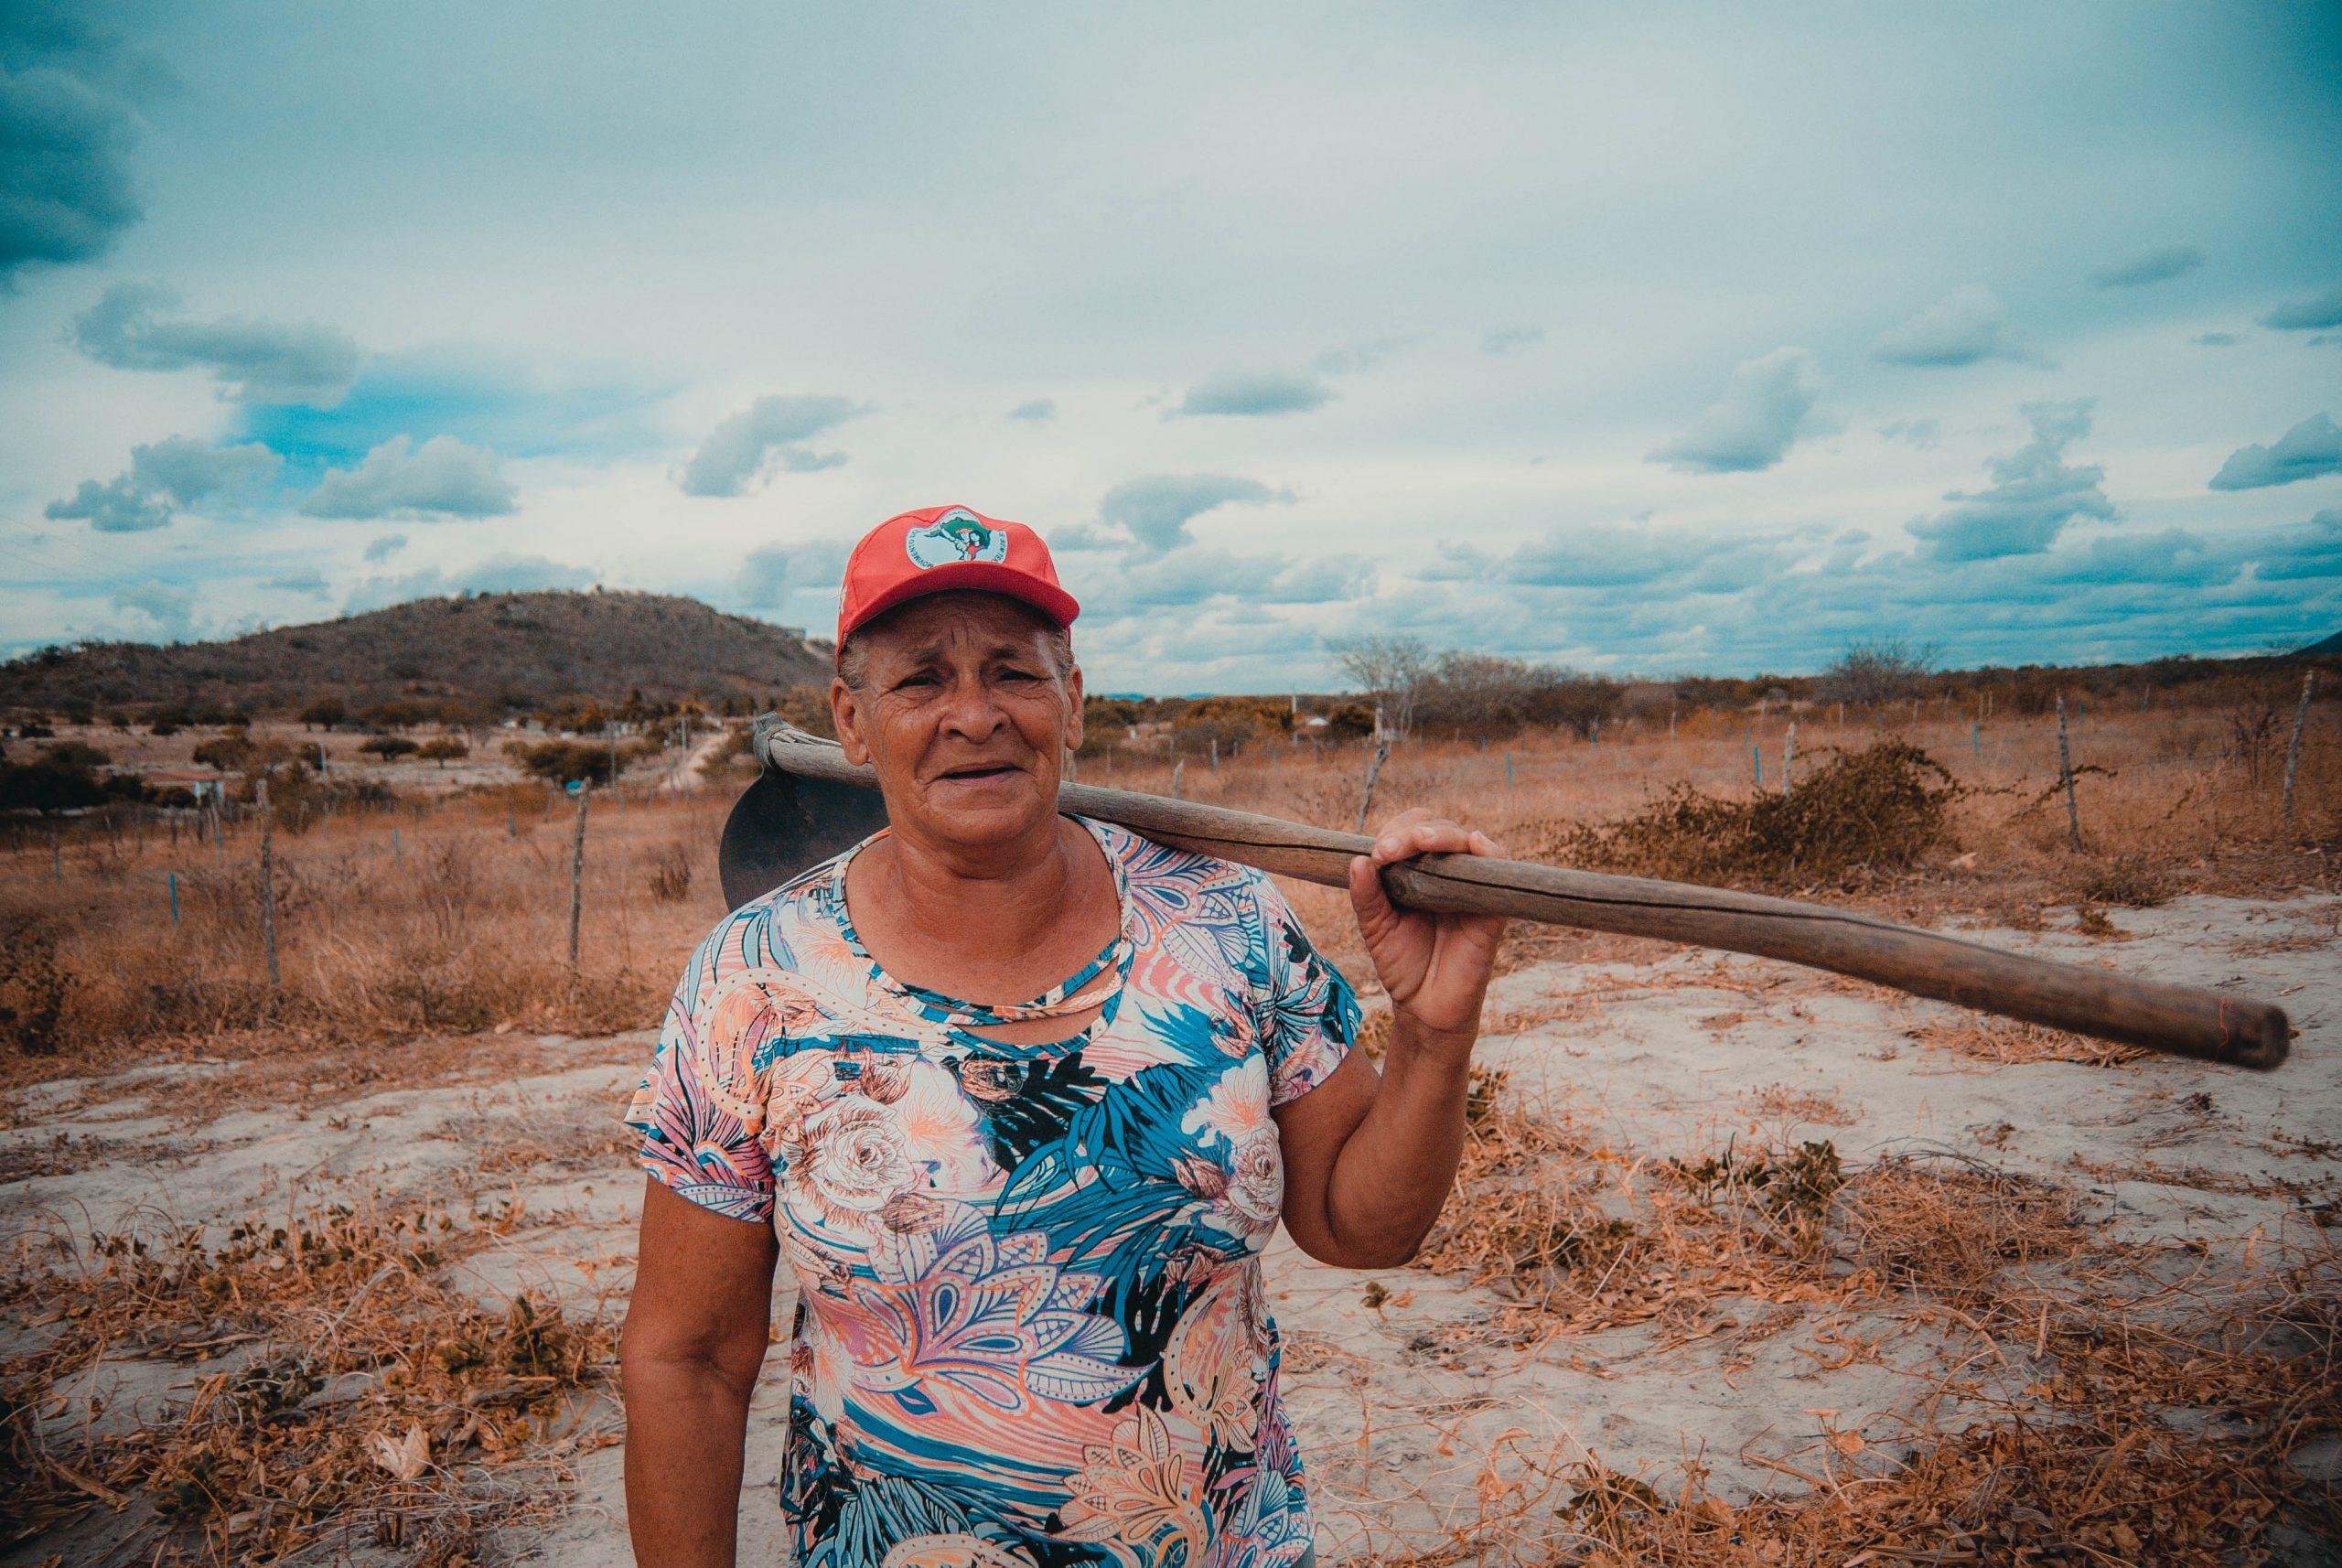 Destruição de políticas públicas agrárias impactam principalmente a vida das mulheres do campo